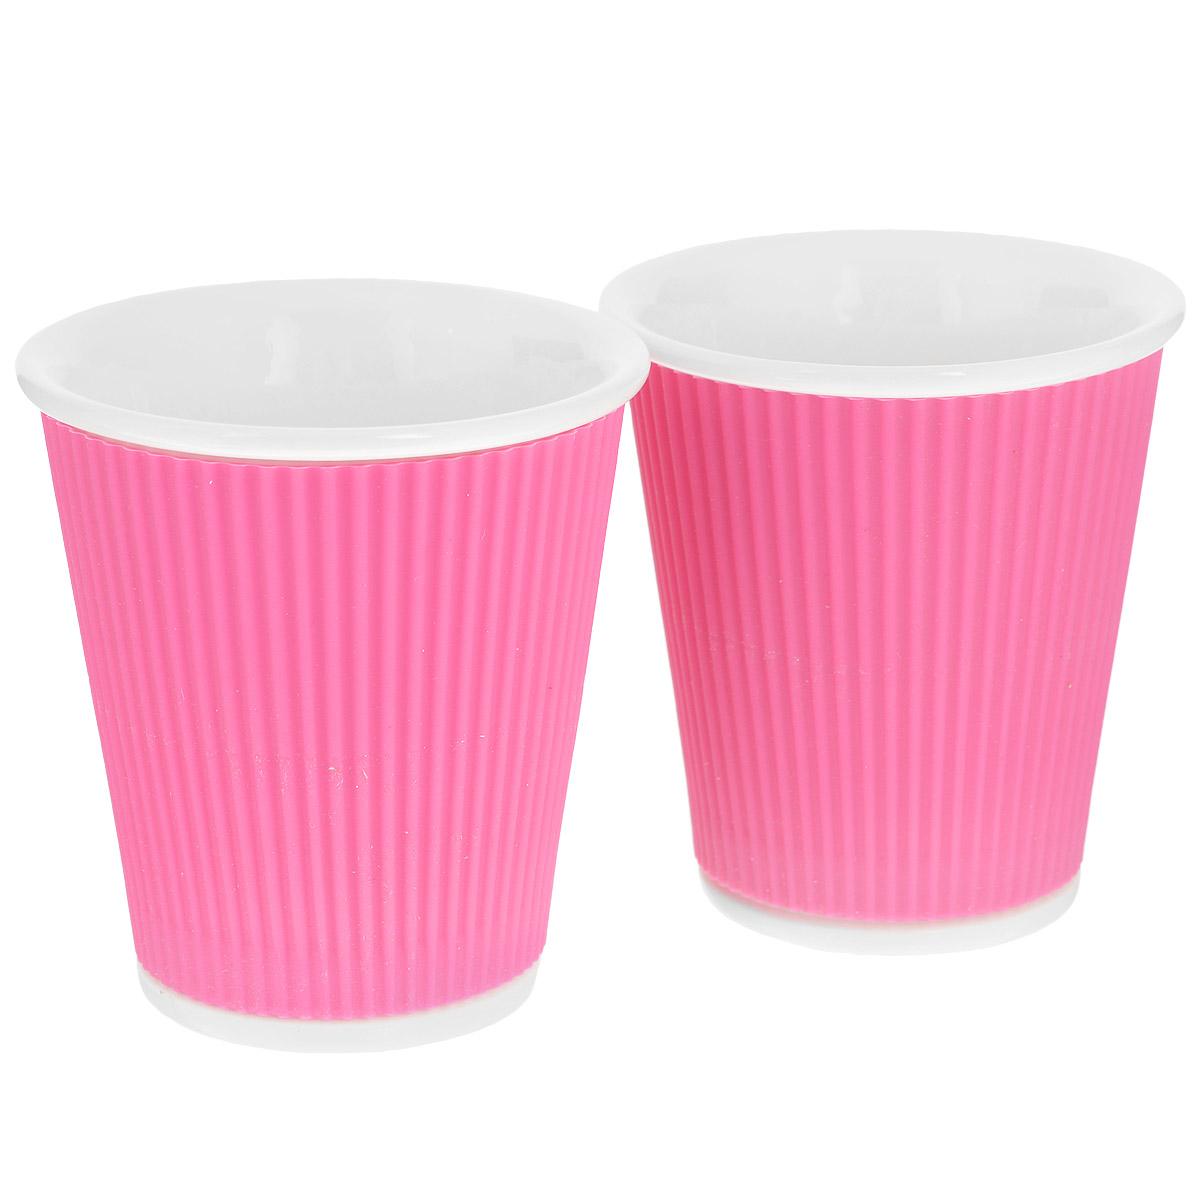 Набор чашек Les Artistes-Paris Ondules, цвет: розовый, 180 мл, 2 штA-0635Набор Les Artistes-Paris Ondules состоит из двух чашек, выполненных из фарфора в виде бумажных стаканчиков. Силиконовое покрытие с внешней стороны позволяет удобно использовать чашку и не обжечь руки. Материал изделий не содержит кадмия и свинца, поэтому абсолютно безопасен для здоровья. Чашки выдерживают высокие перепады температур от -35°С до +300°С, они невероятно прочны и устойчивы к появлению царапин. Набор яркого необычного дизайна позволит насладиться вашими любыми напитками, благодаря компактным размерам его можно взять с собой куда угодно. Прекрасный подарок для друзей и близких. Можно использовать в микроволновке, ставить в холодильник и мыть в посудомоечной машине. Объем чашки: 180 мл. Диаметр (по верхнему краю): 8 см. Высота чашки: 8,5 см.